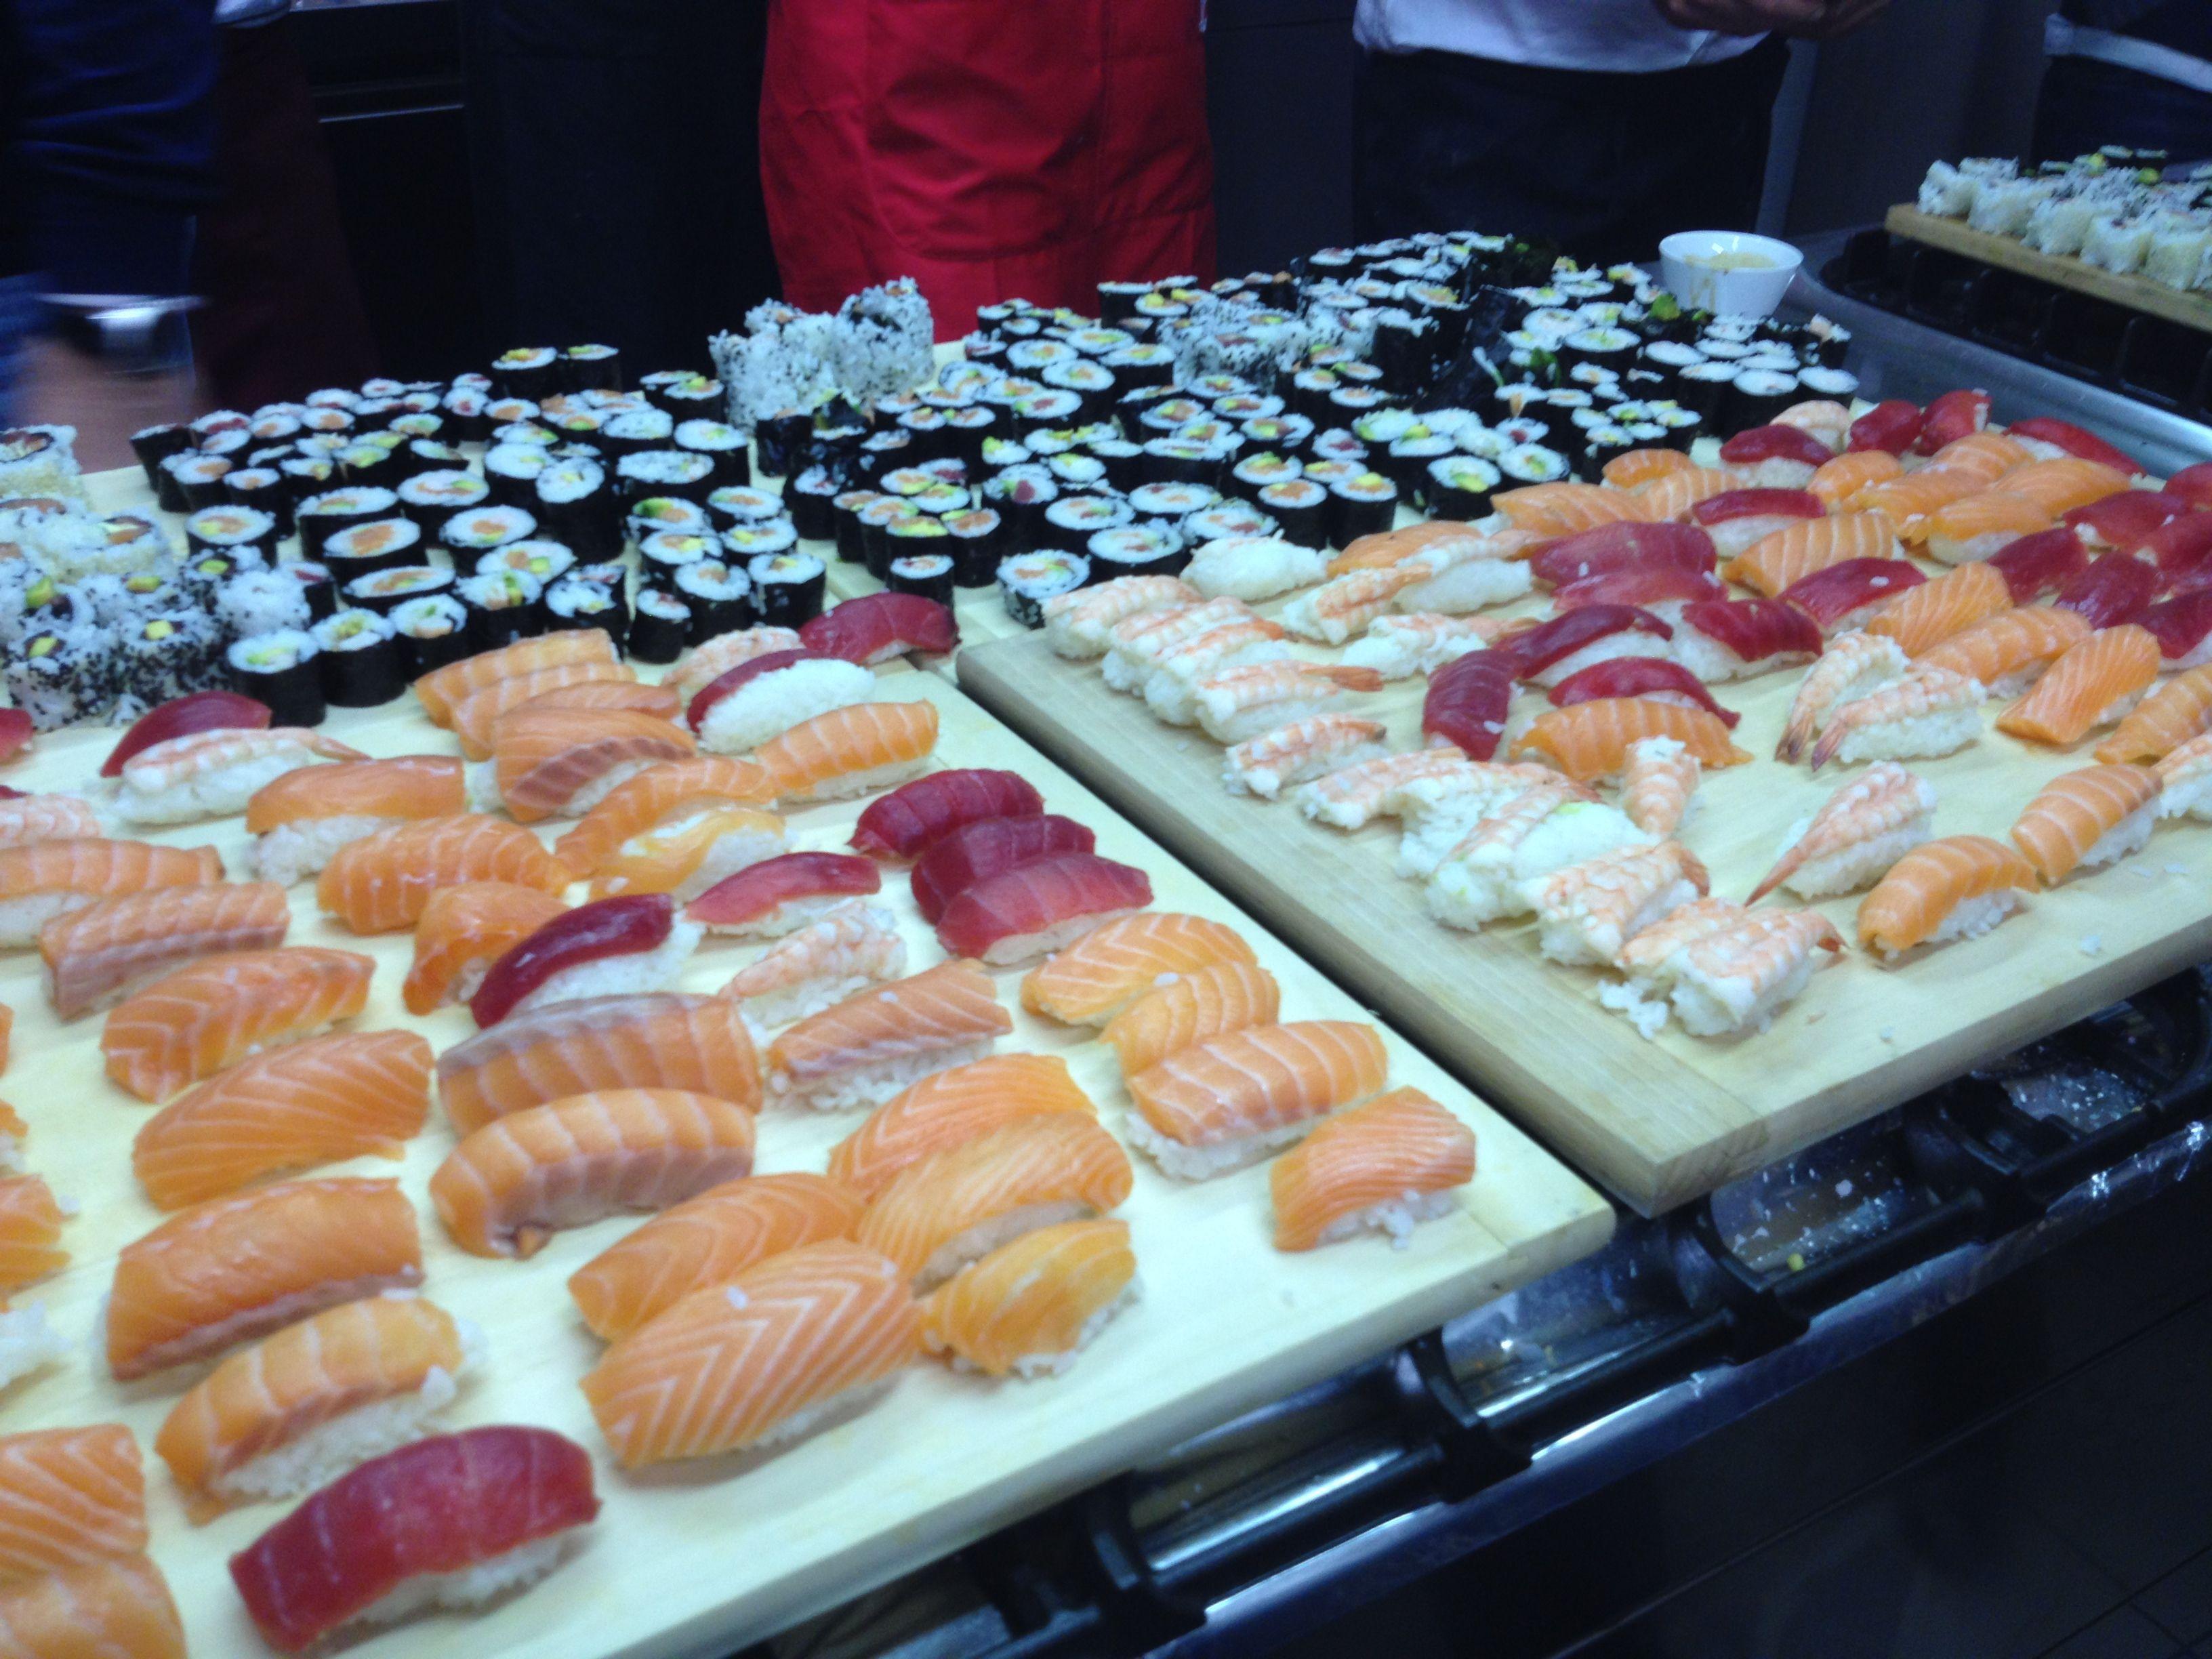 Corsi di cucina a milano al laboratorio cingoli si impara l 39 arte del sushi milanoincontemporanea - Corsi cucina milano cracco ...